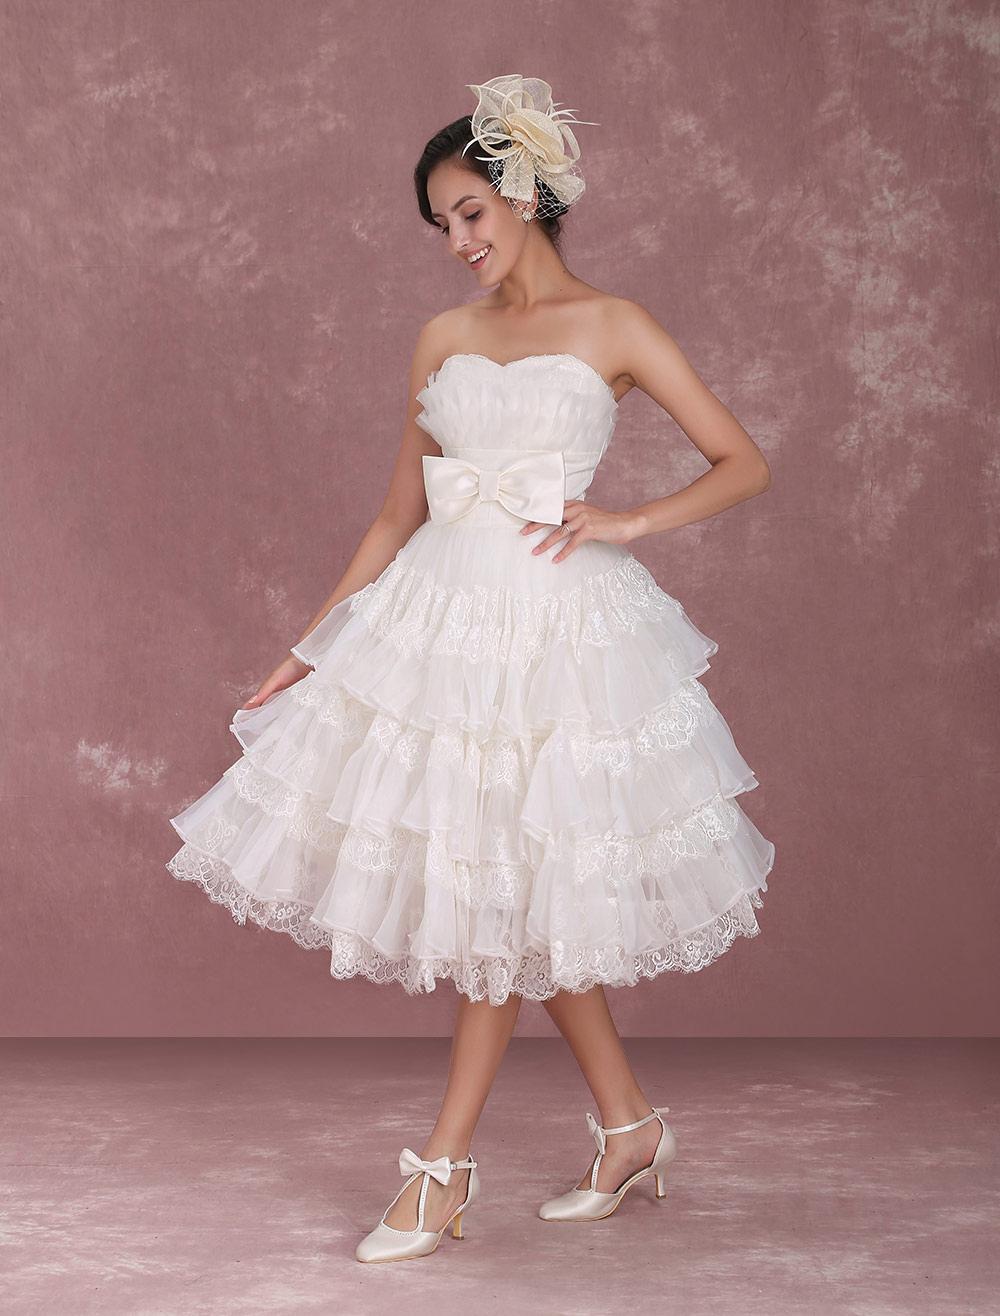 b73d41375c2 ... Robe de mariée gracieuse A-ligne ivoire en organza multicouche effet  encolure coeur Milanoo- ...